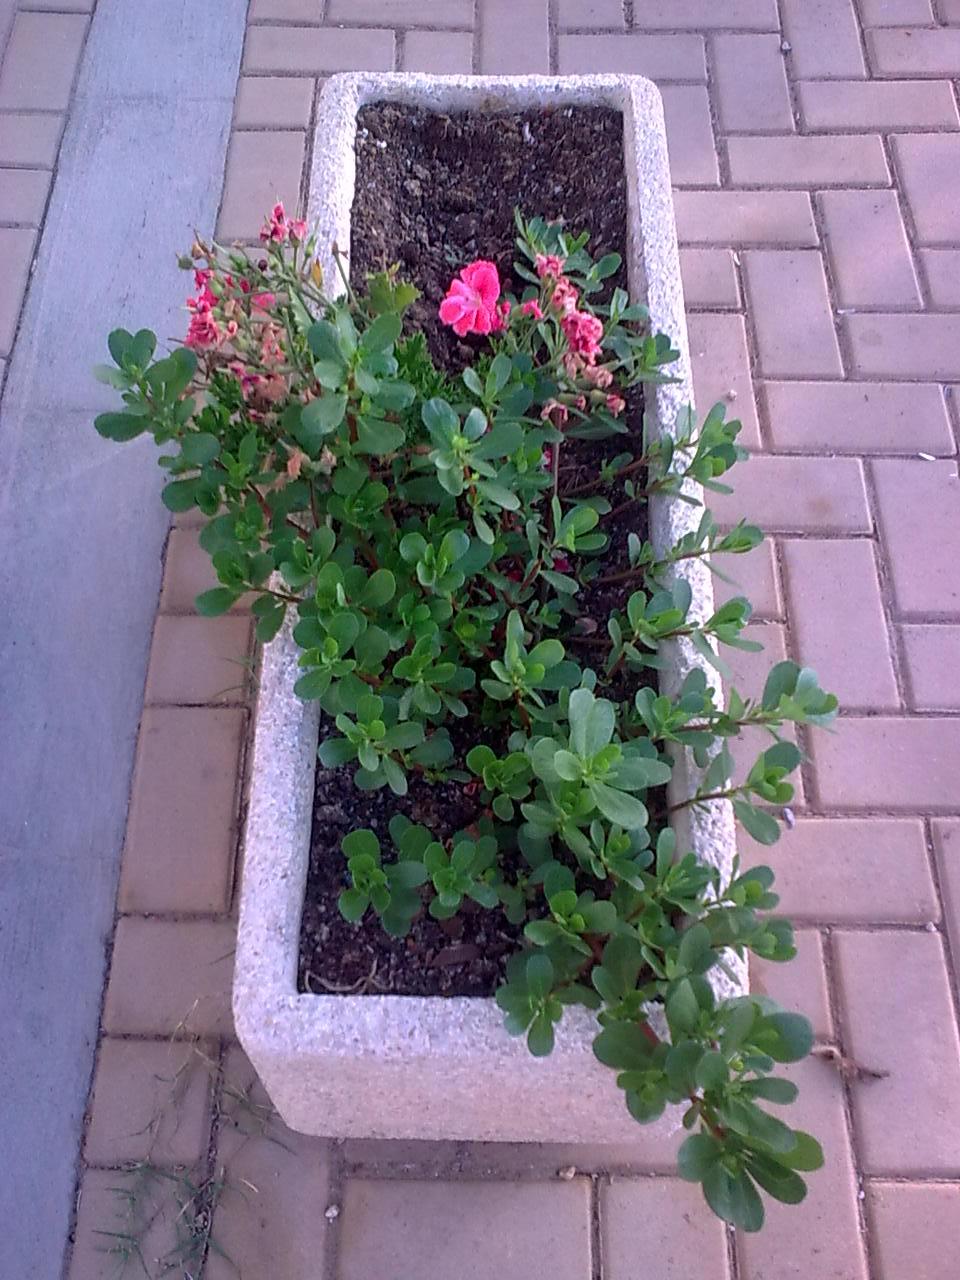 Moncofa y sus tradiciones algunas jardineras de moncofa for Que plantas poner en una jardinera